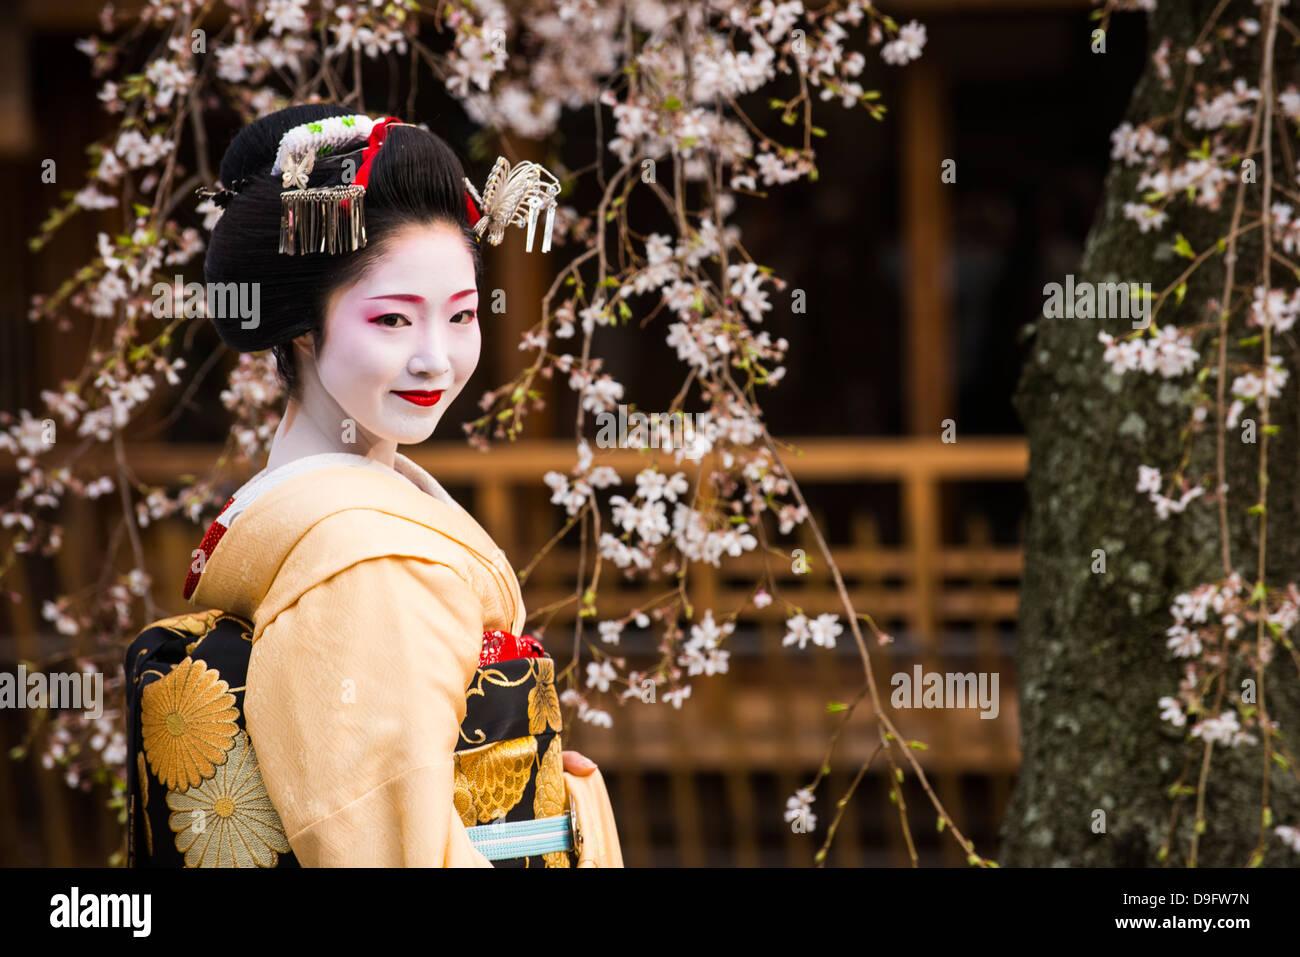 Véritable Geisha posant devant un cherry blossom tree dans le quartier de Gion Geisha à Kyoto, Japon Photo Stock